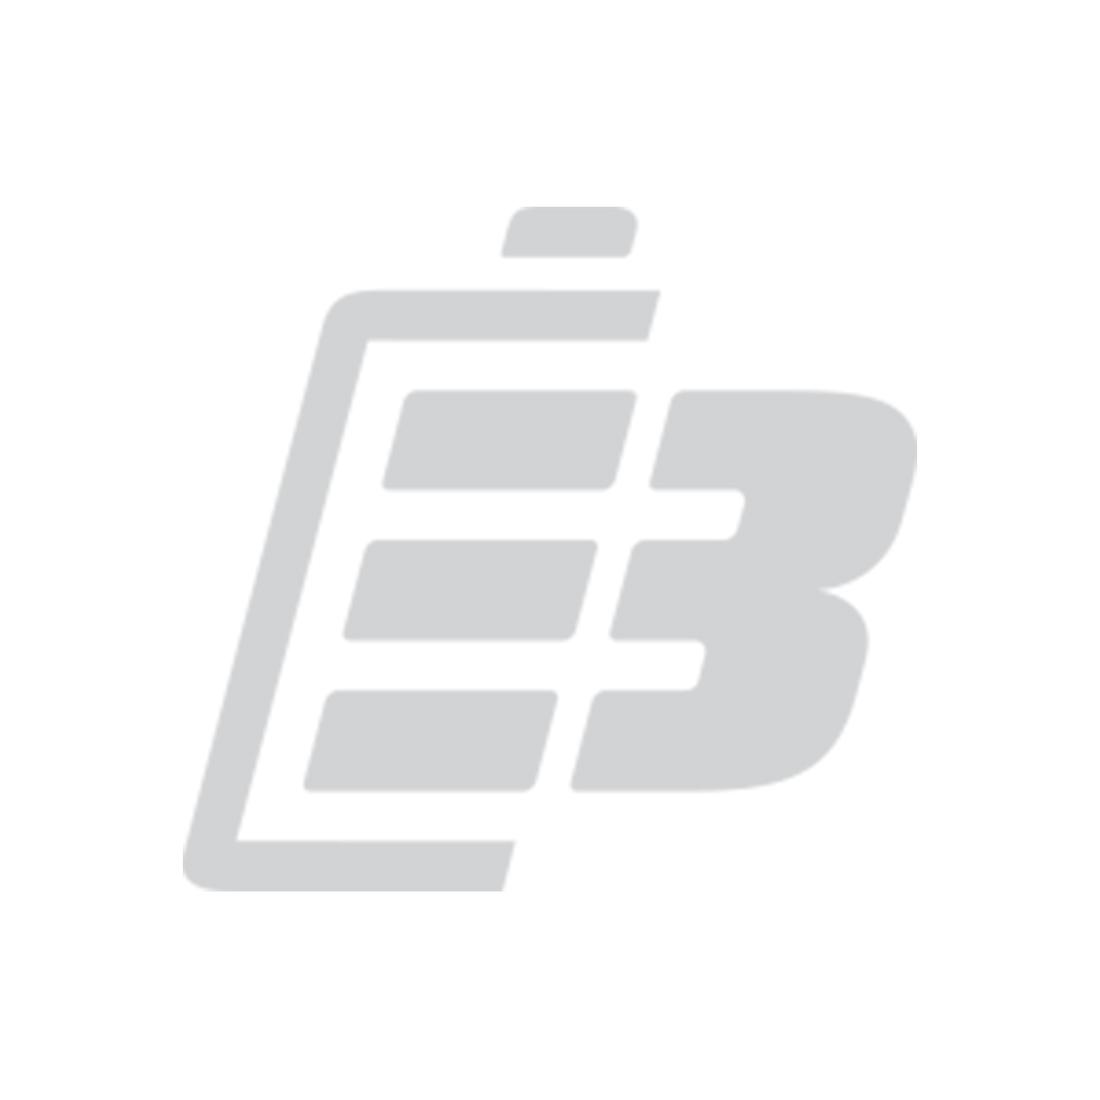 Laptop battery Lenovo ThinkPad T450_1